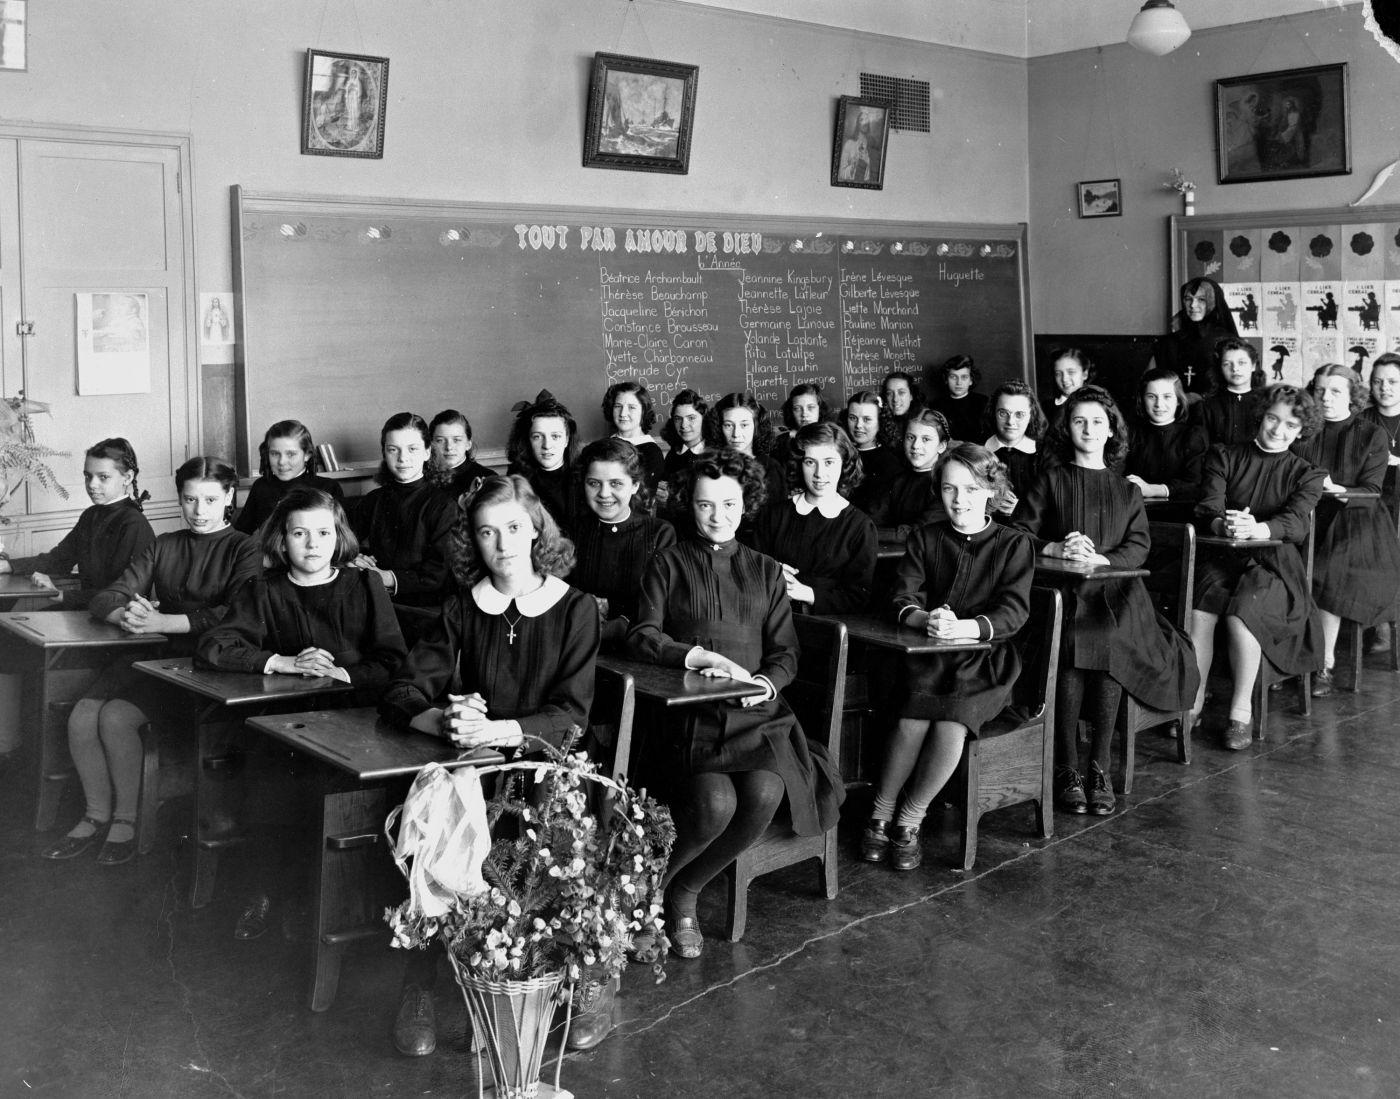 Photographie en noir et blanc d'une salle de classe vue en angle. Une trentaine de jeunes filles en robes noires sont assises à des pupitres. La classe compte sept rangées de quatre pupitres. Une religieuse est debout au fond de la salle de classe.